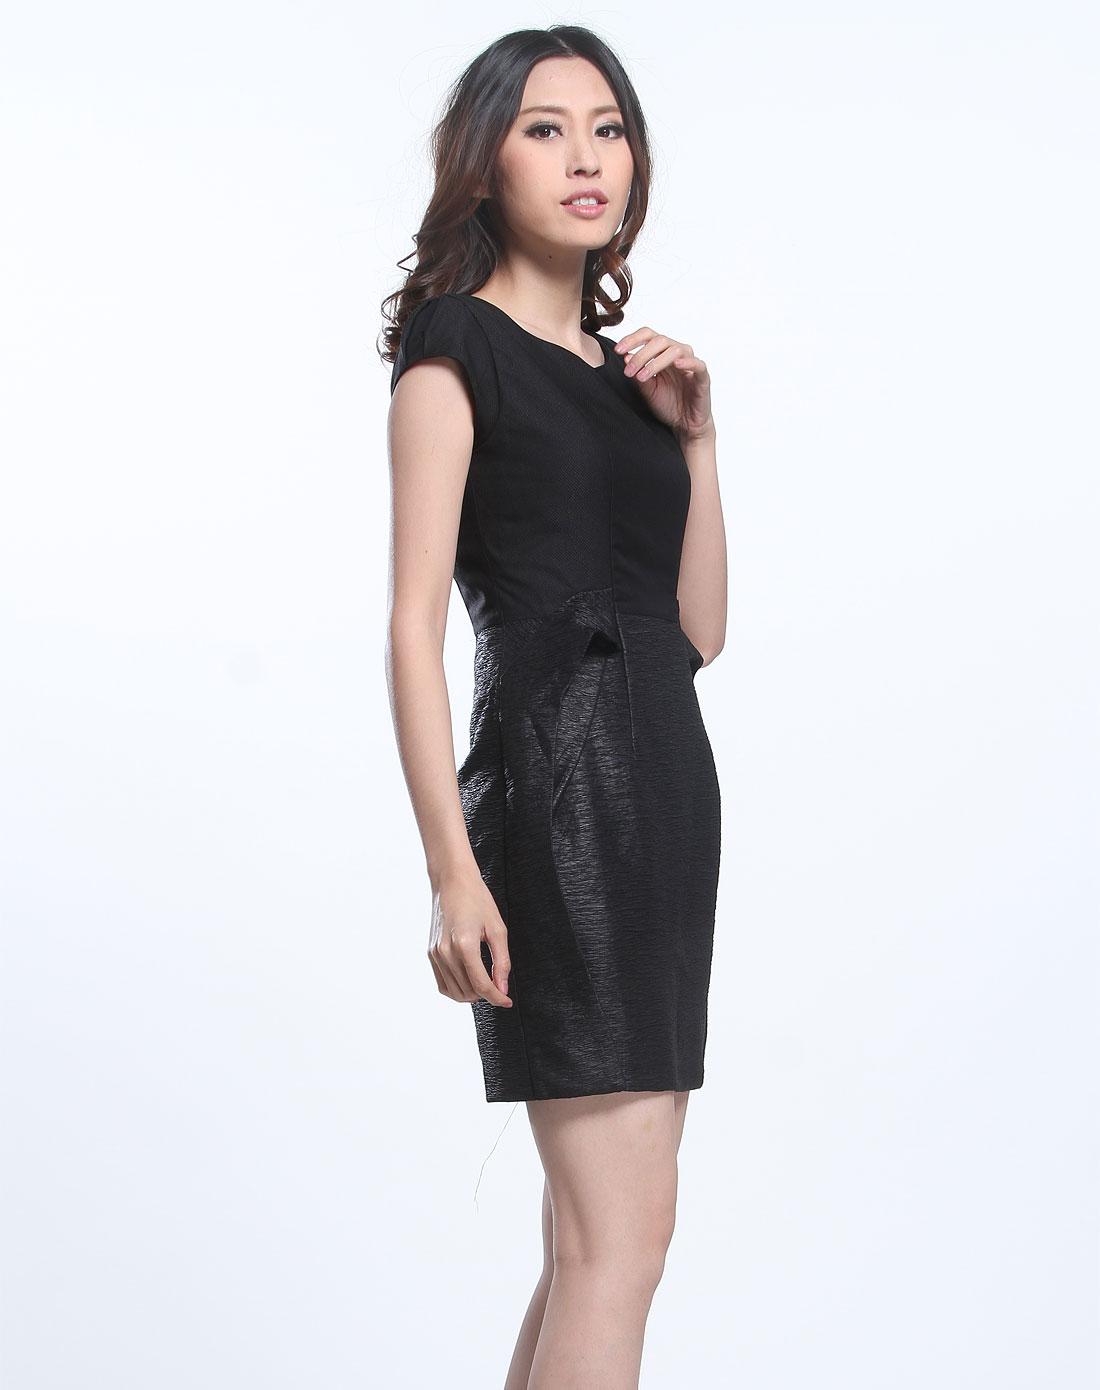 傲丝度isayido女装专场-黑色高贵气质短袖连衣裙